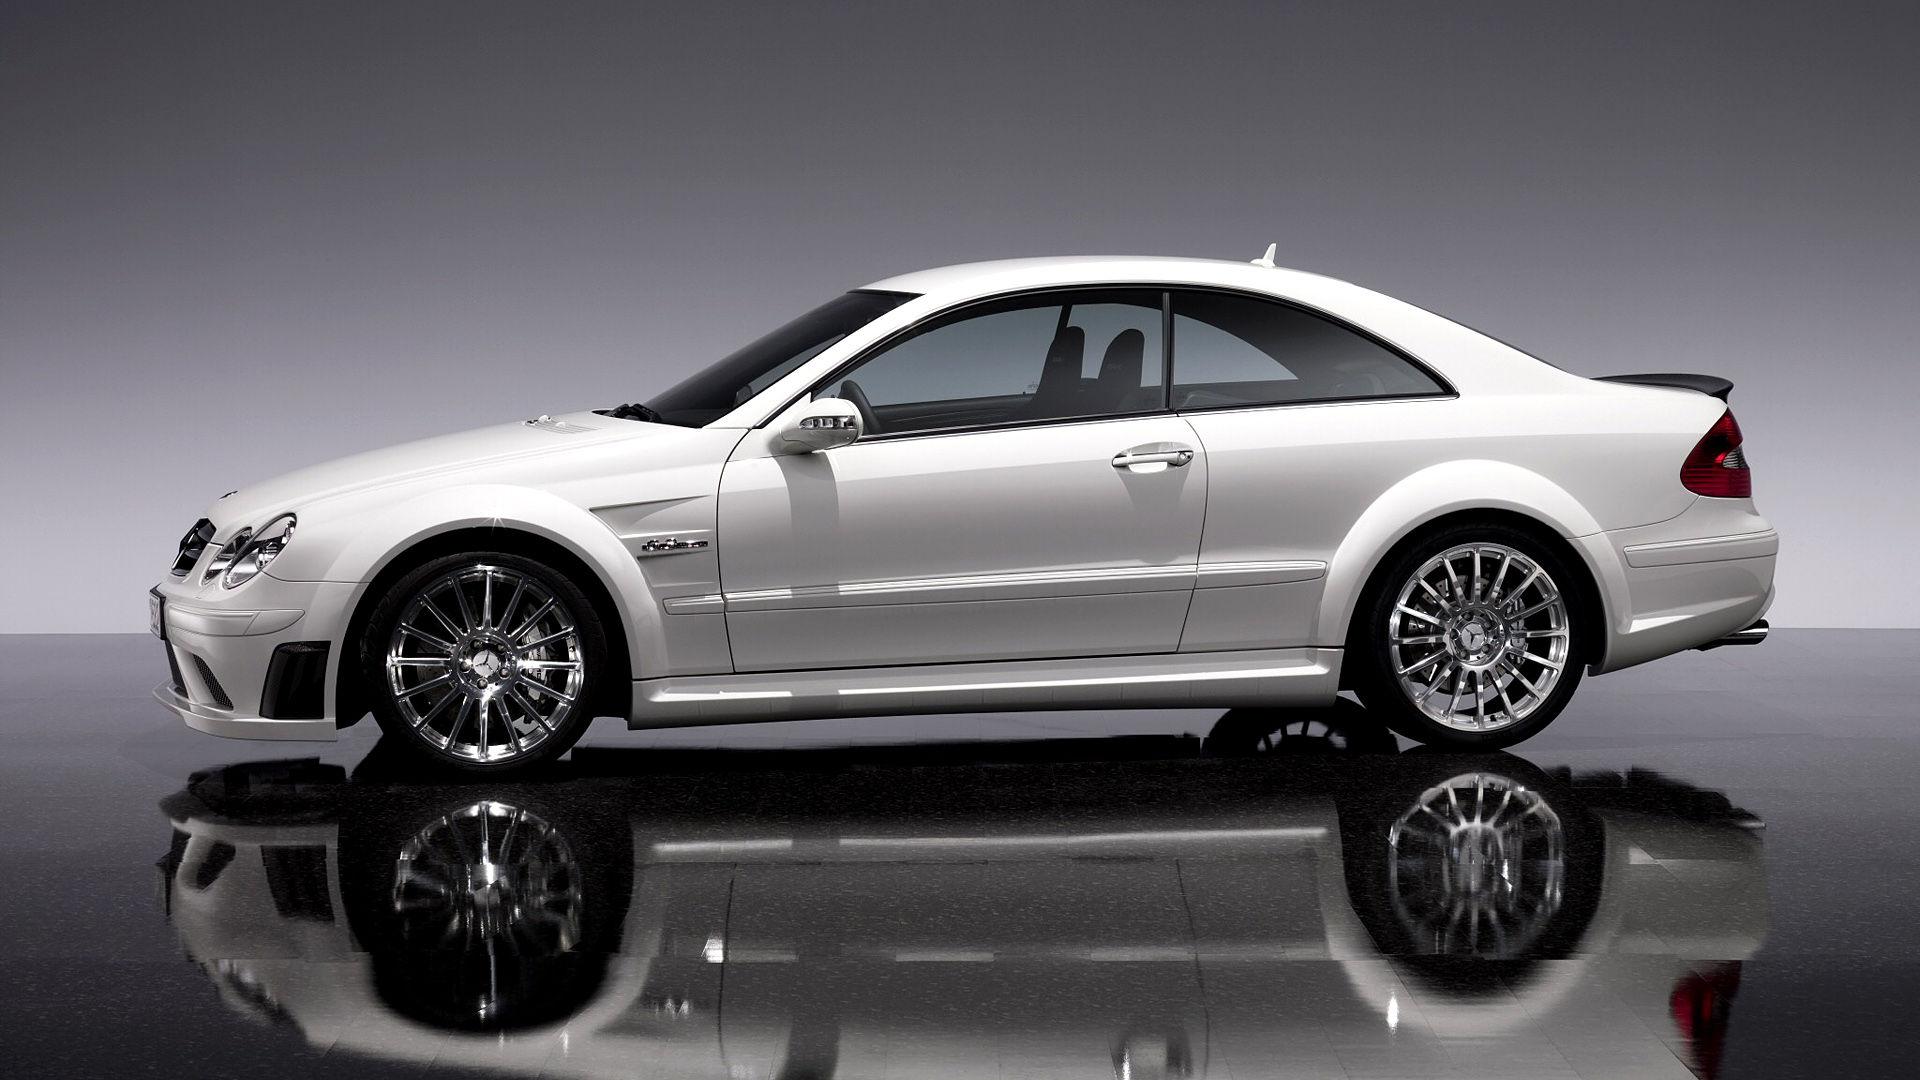 2008 Mercedes-Benz CLK63 AMG